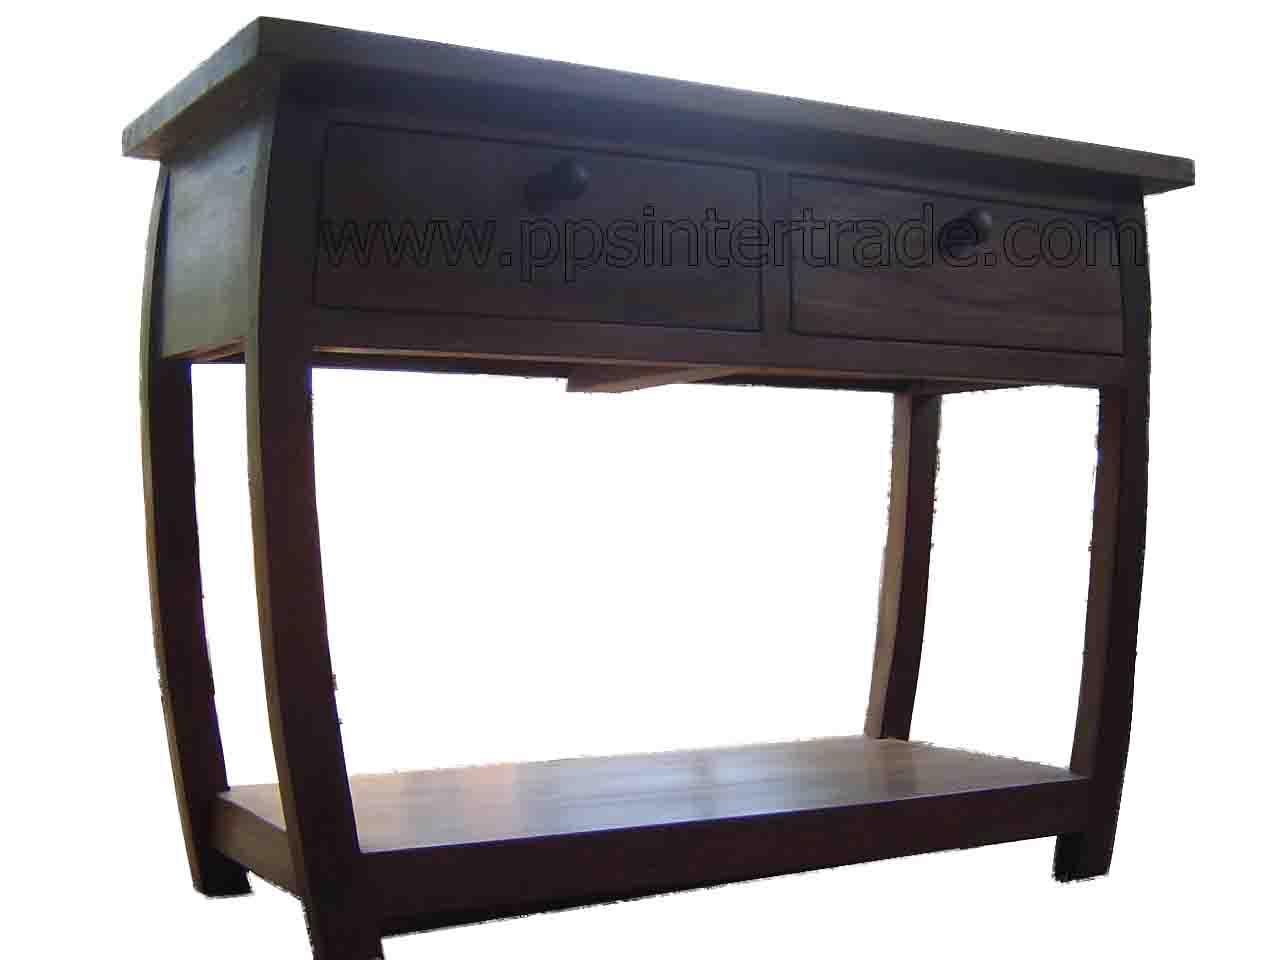 PS- Wood Shelf